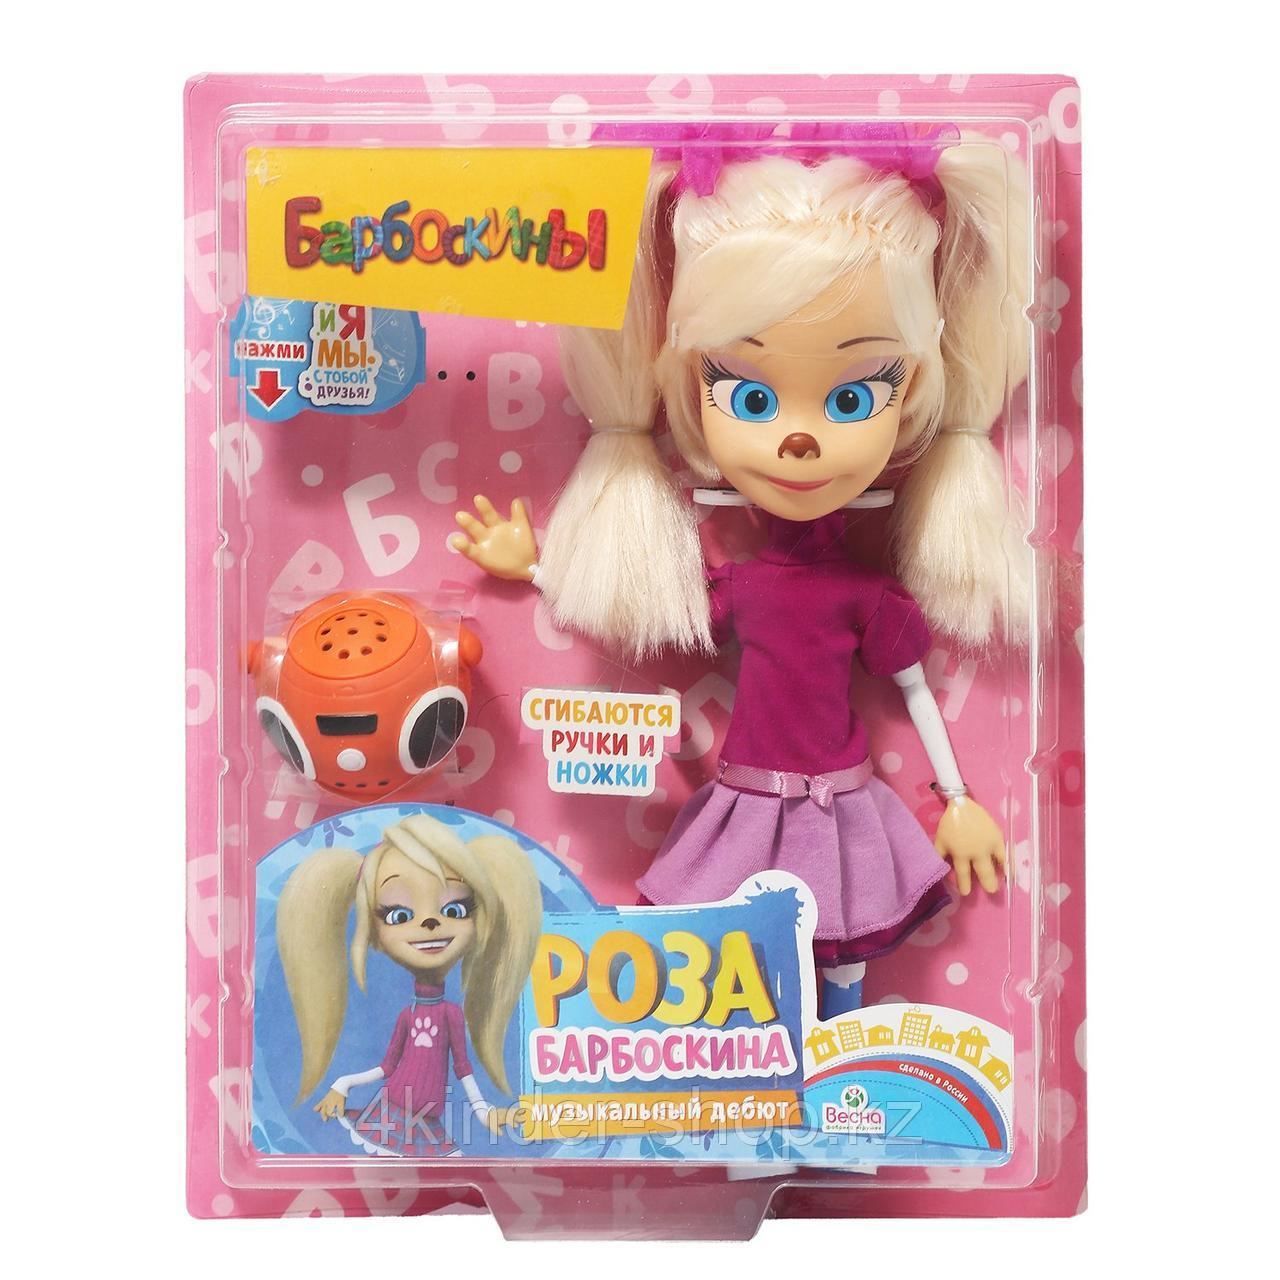 Кукла Весна Роза Барбоскина Музыкальный дебют В3649 - фото 2